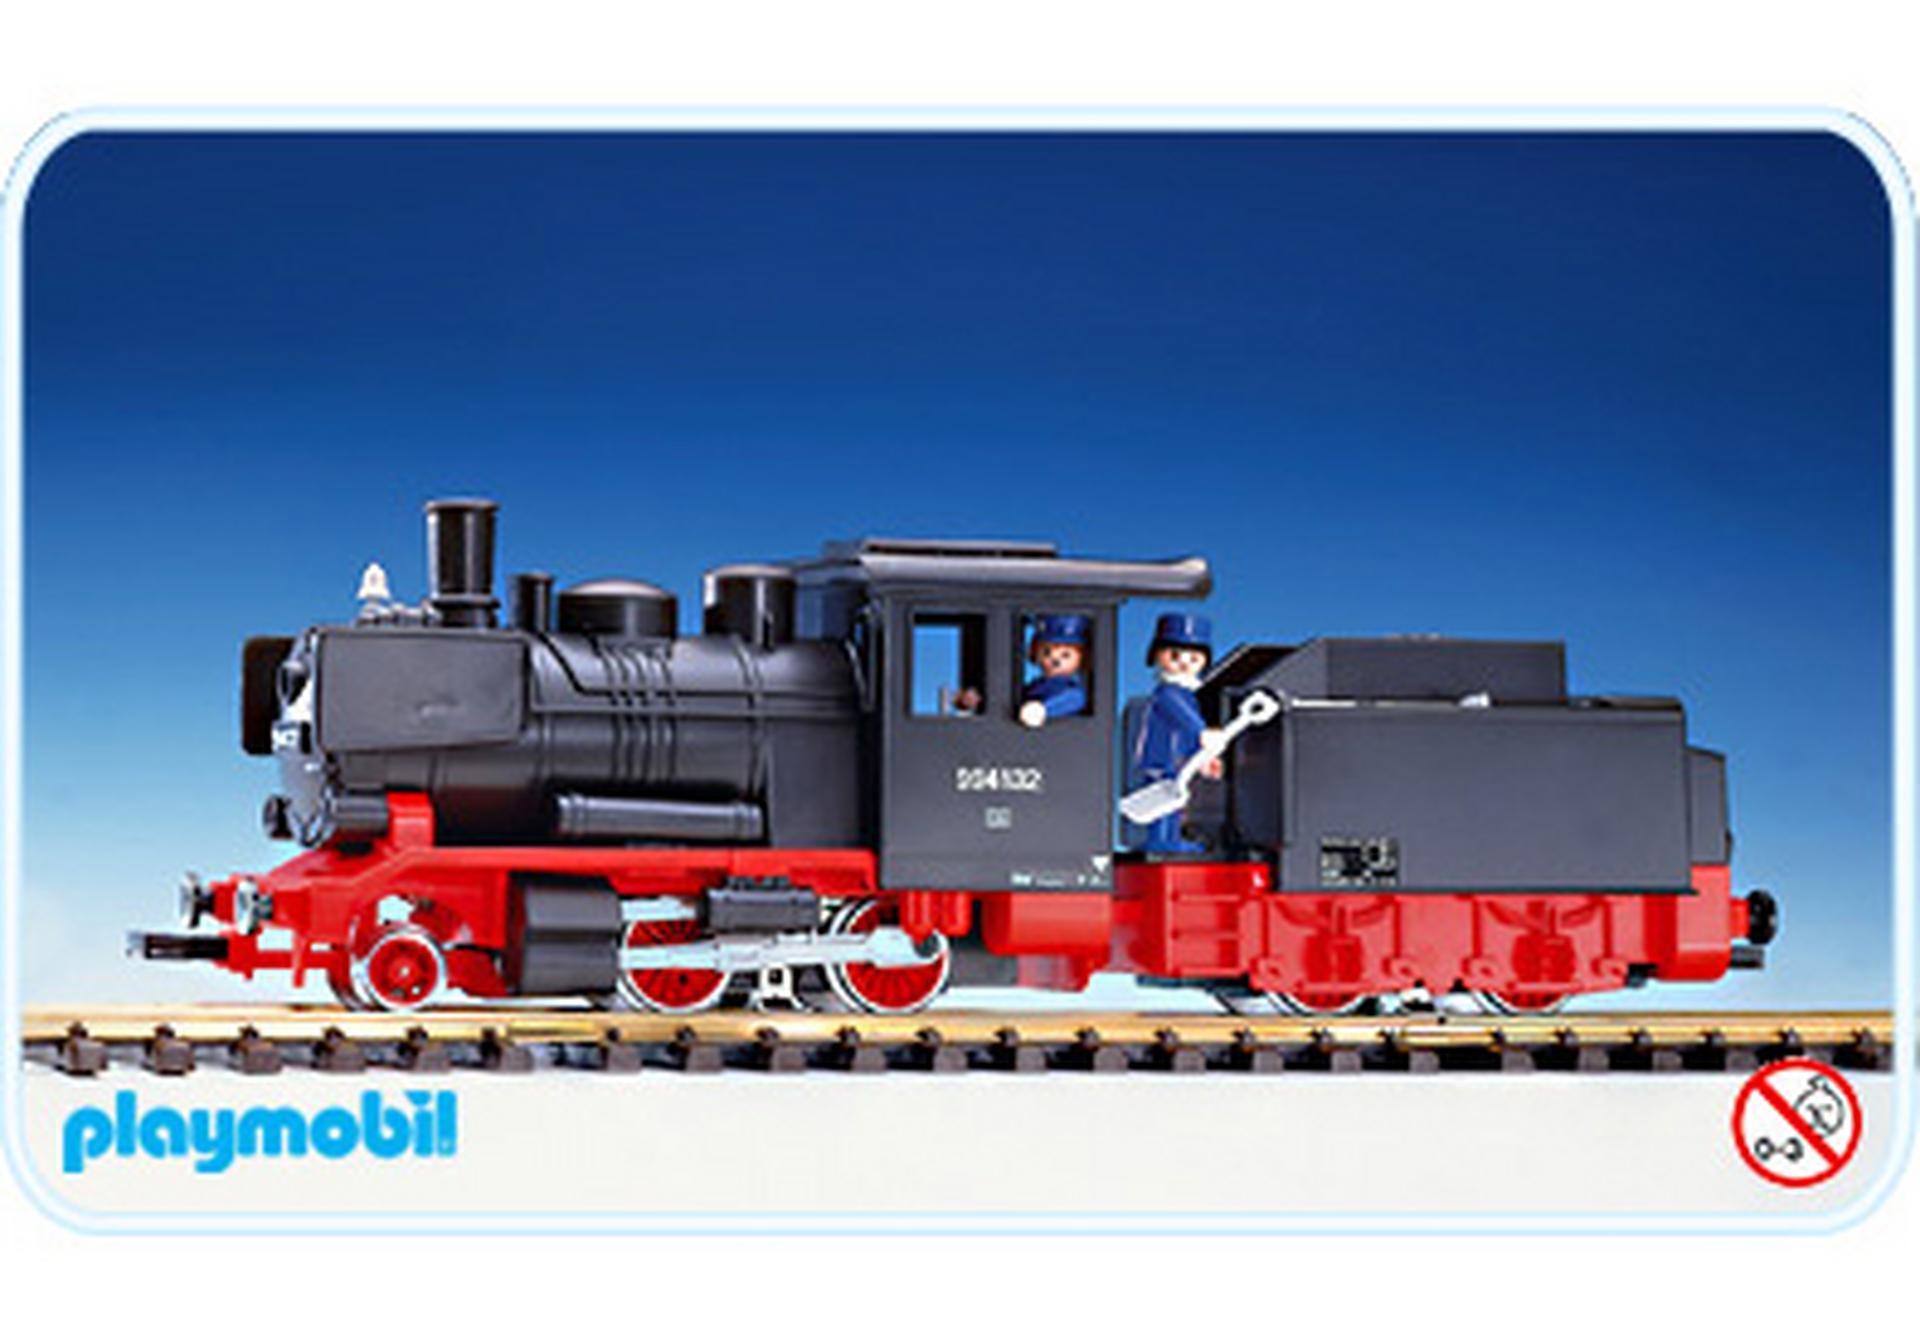 Schlepp tender lok 4052 a playmobil deutschland for Jugendzimmer playmobil